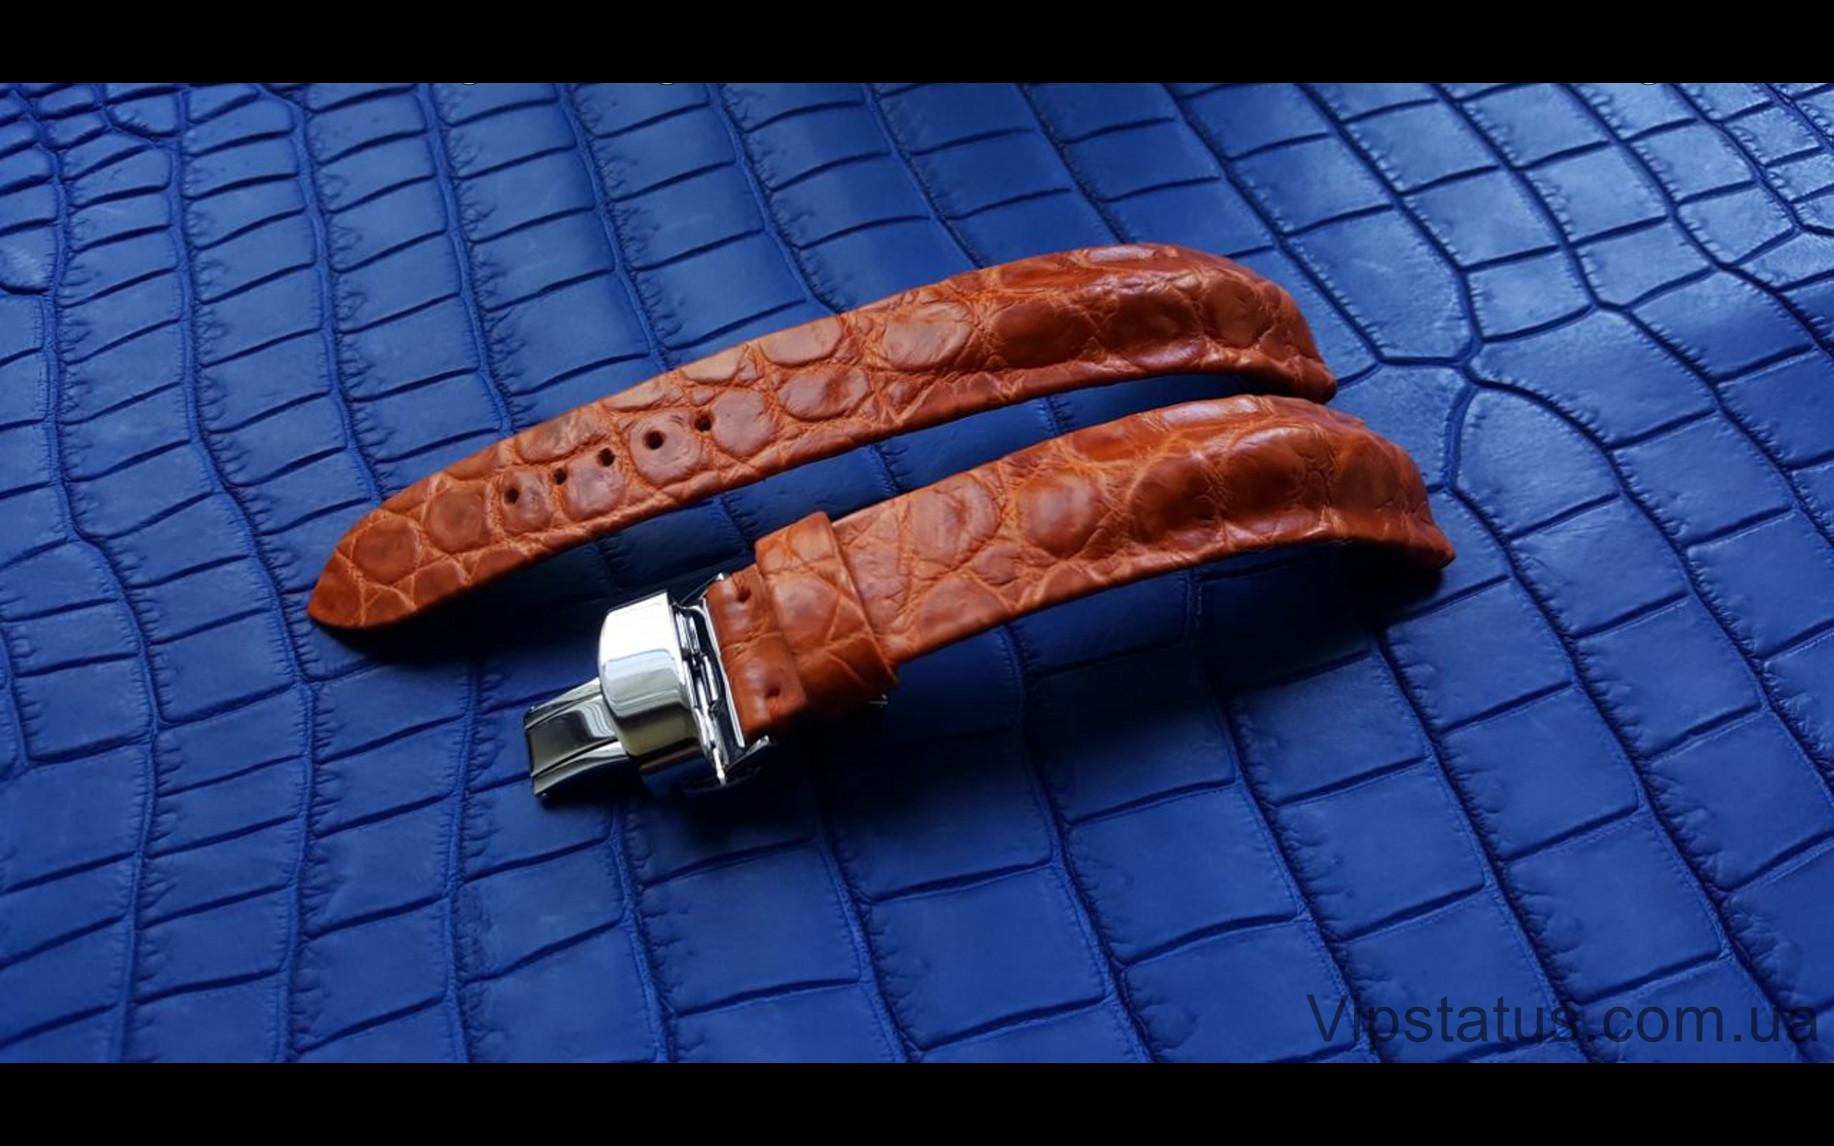 Элитный Вип ремешок для часов Patek Philippe кожа крокодила Вип ремешок для часов Patek Philippe из кожи крокодила изображение 1